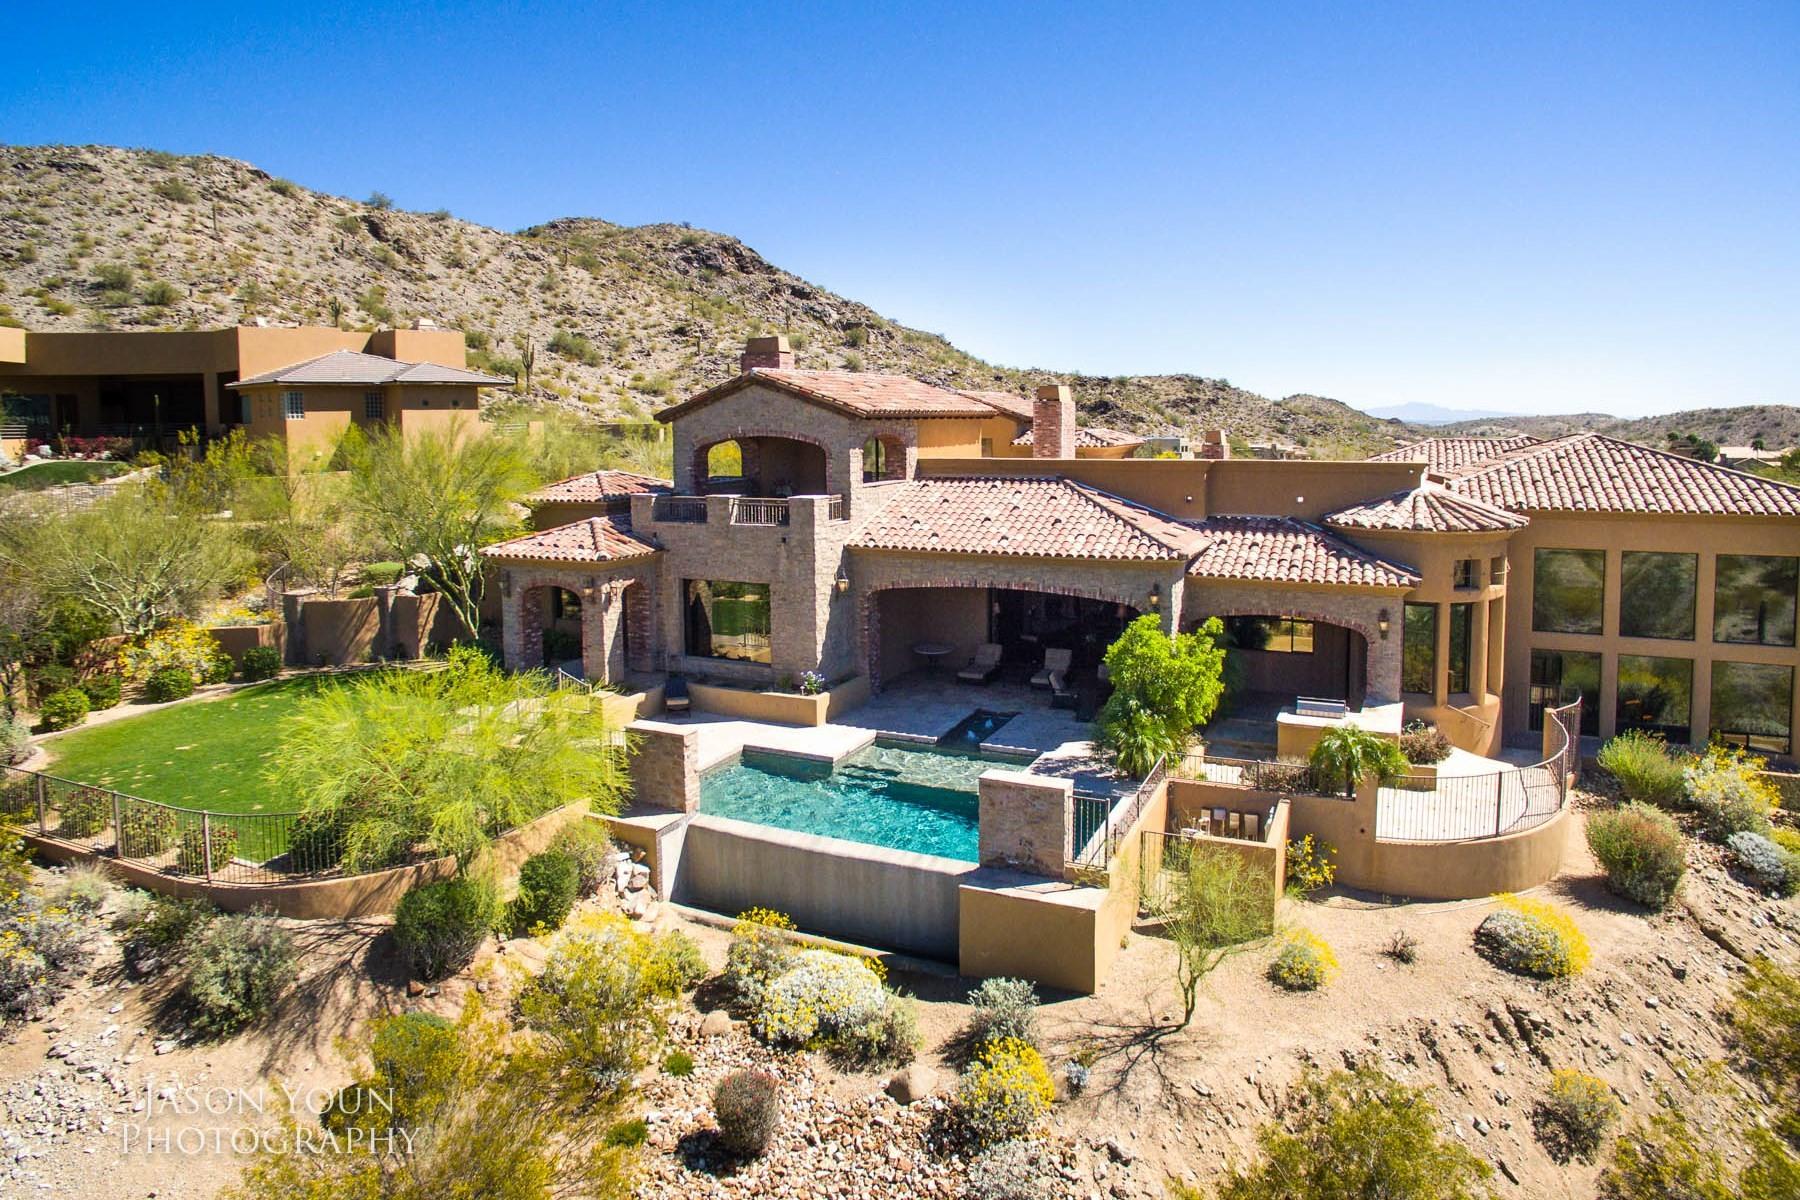 独户住宅 为 销售 在 Hilltop custom Tuscan home in the gated community of Canyon Reserve 13808 S Canyon Dr 菲尼克斯(凤凰城), 亚利桑那州, 85048 美国